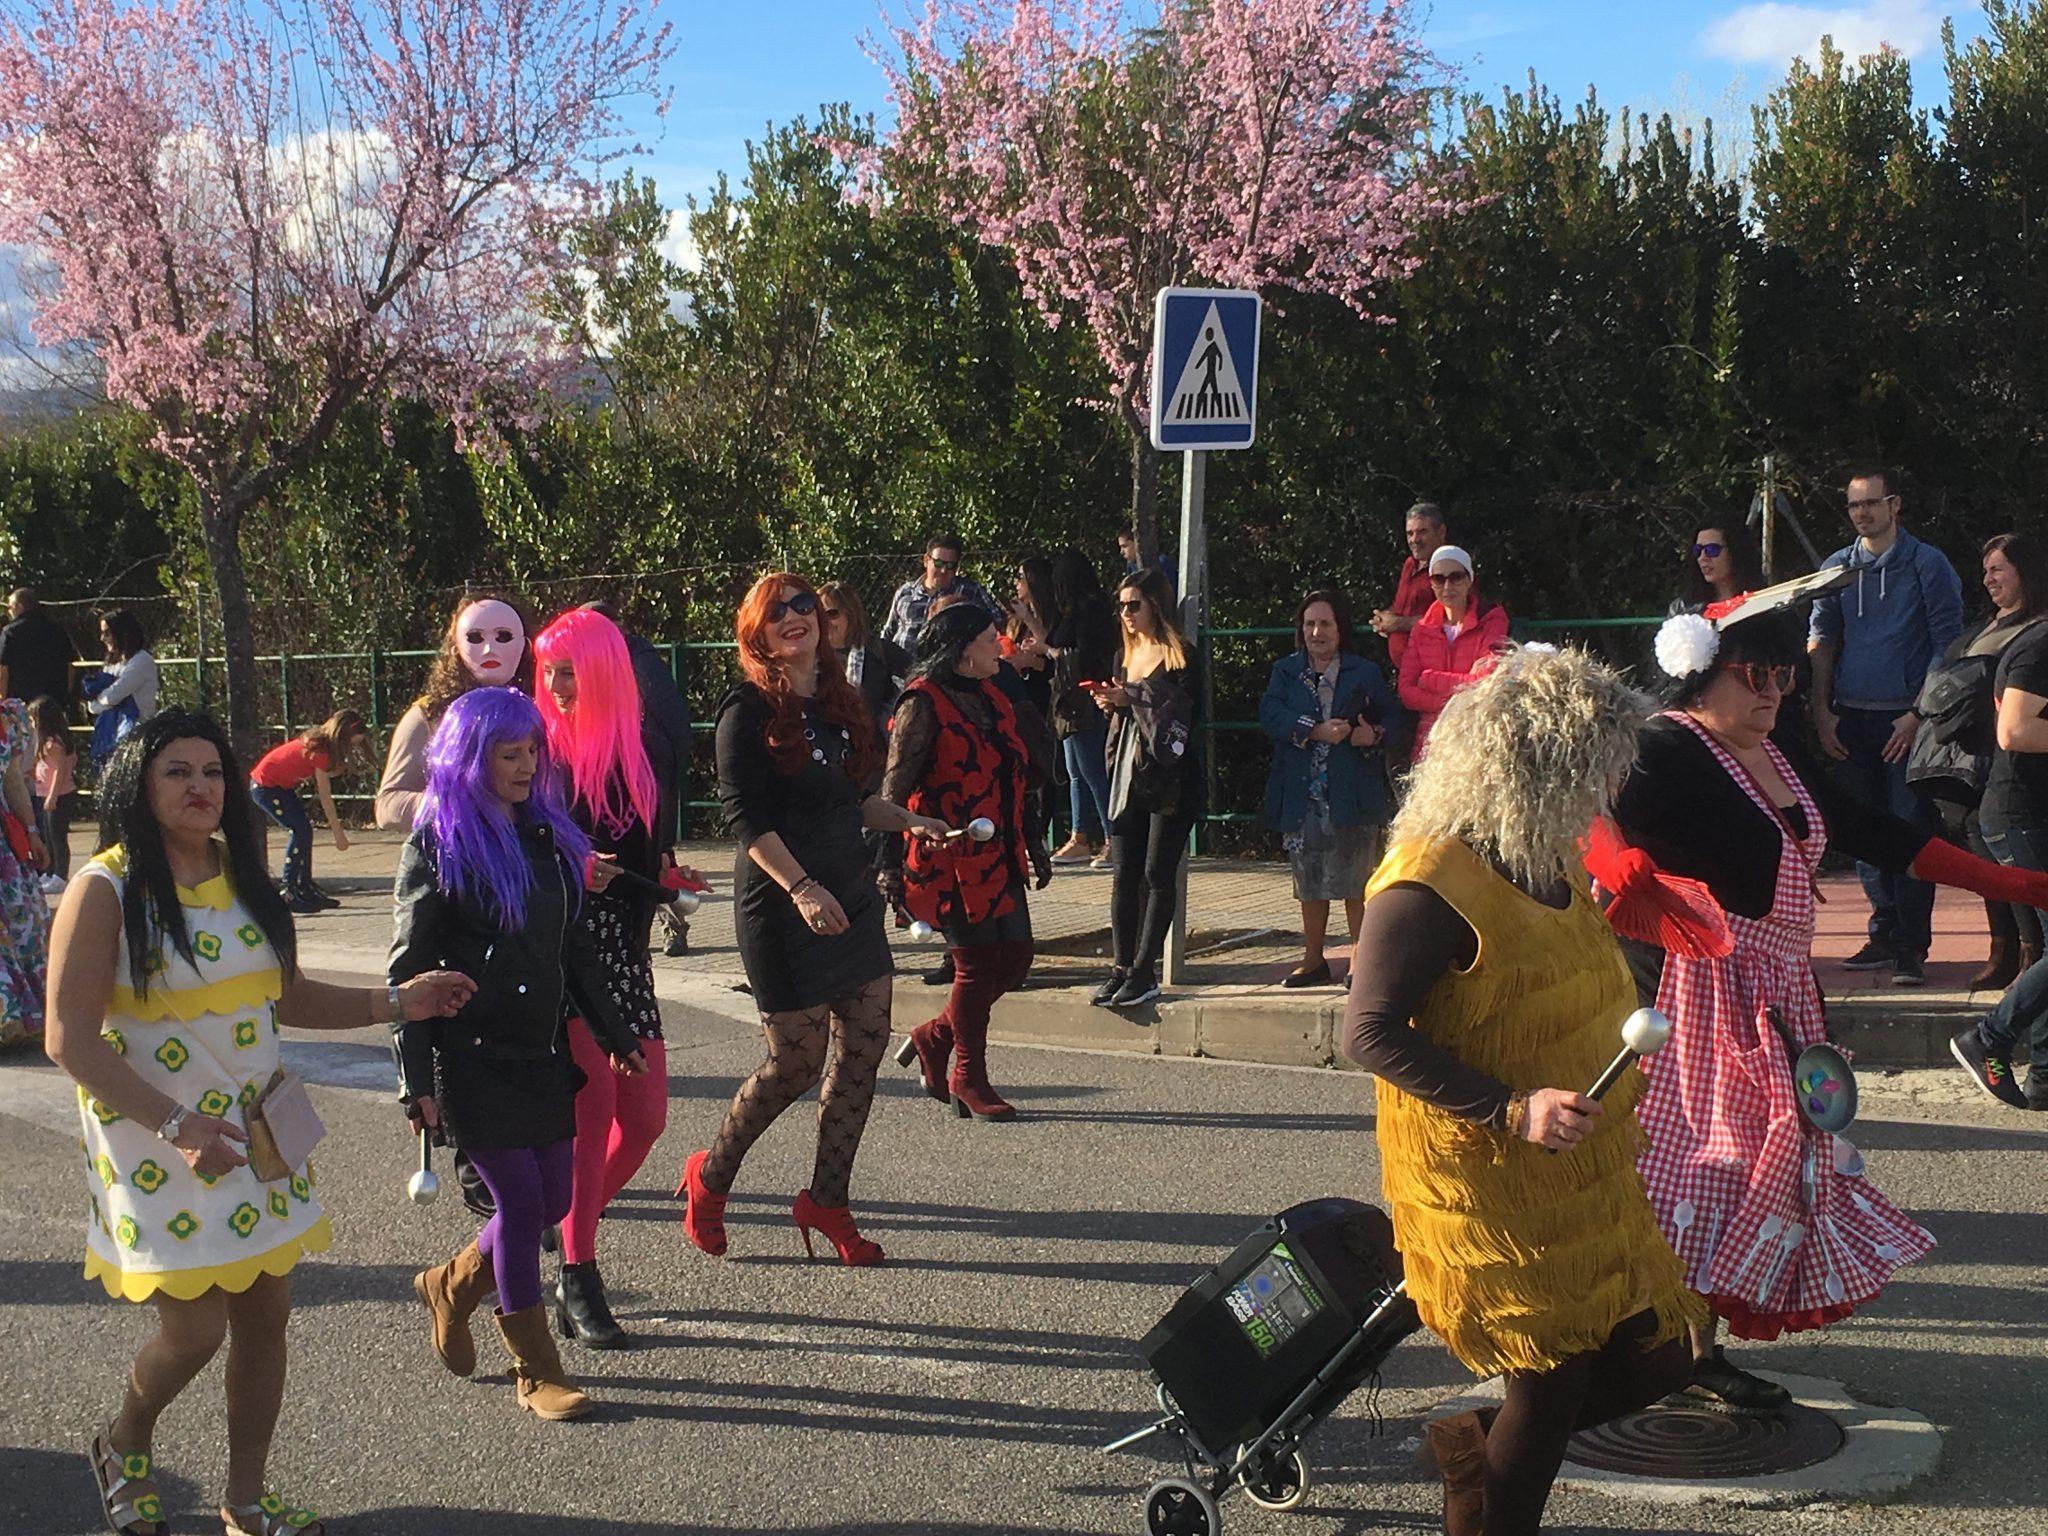 Desfile de Carnaval Cubillos del Sil 2019 - Álbum de fotos 25